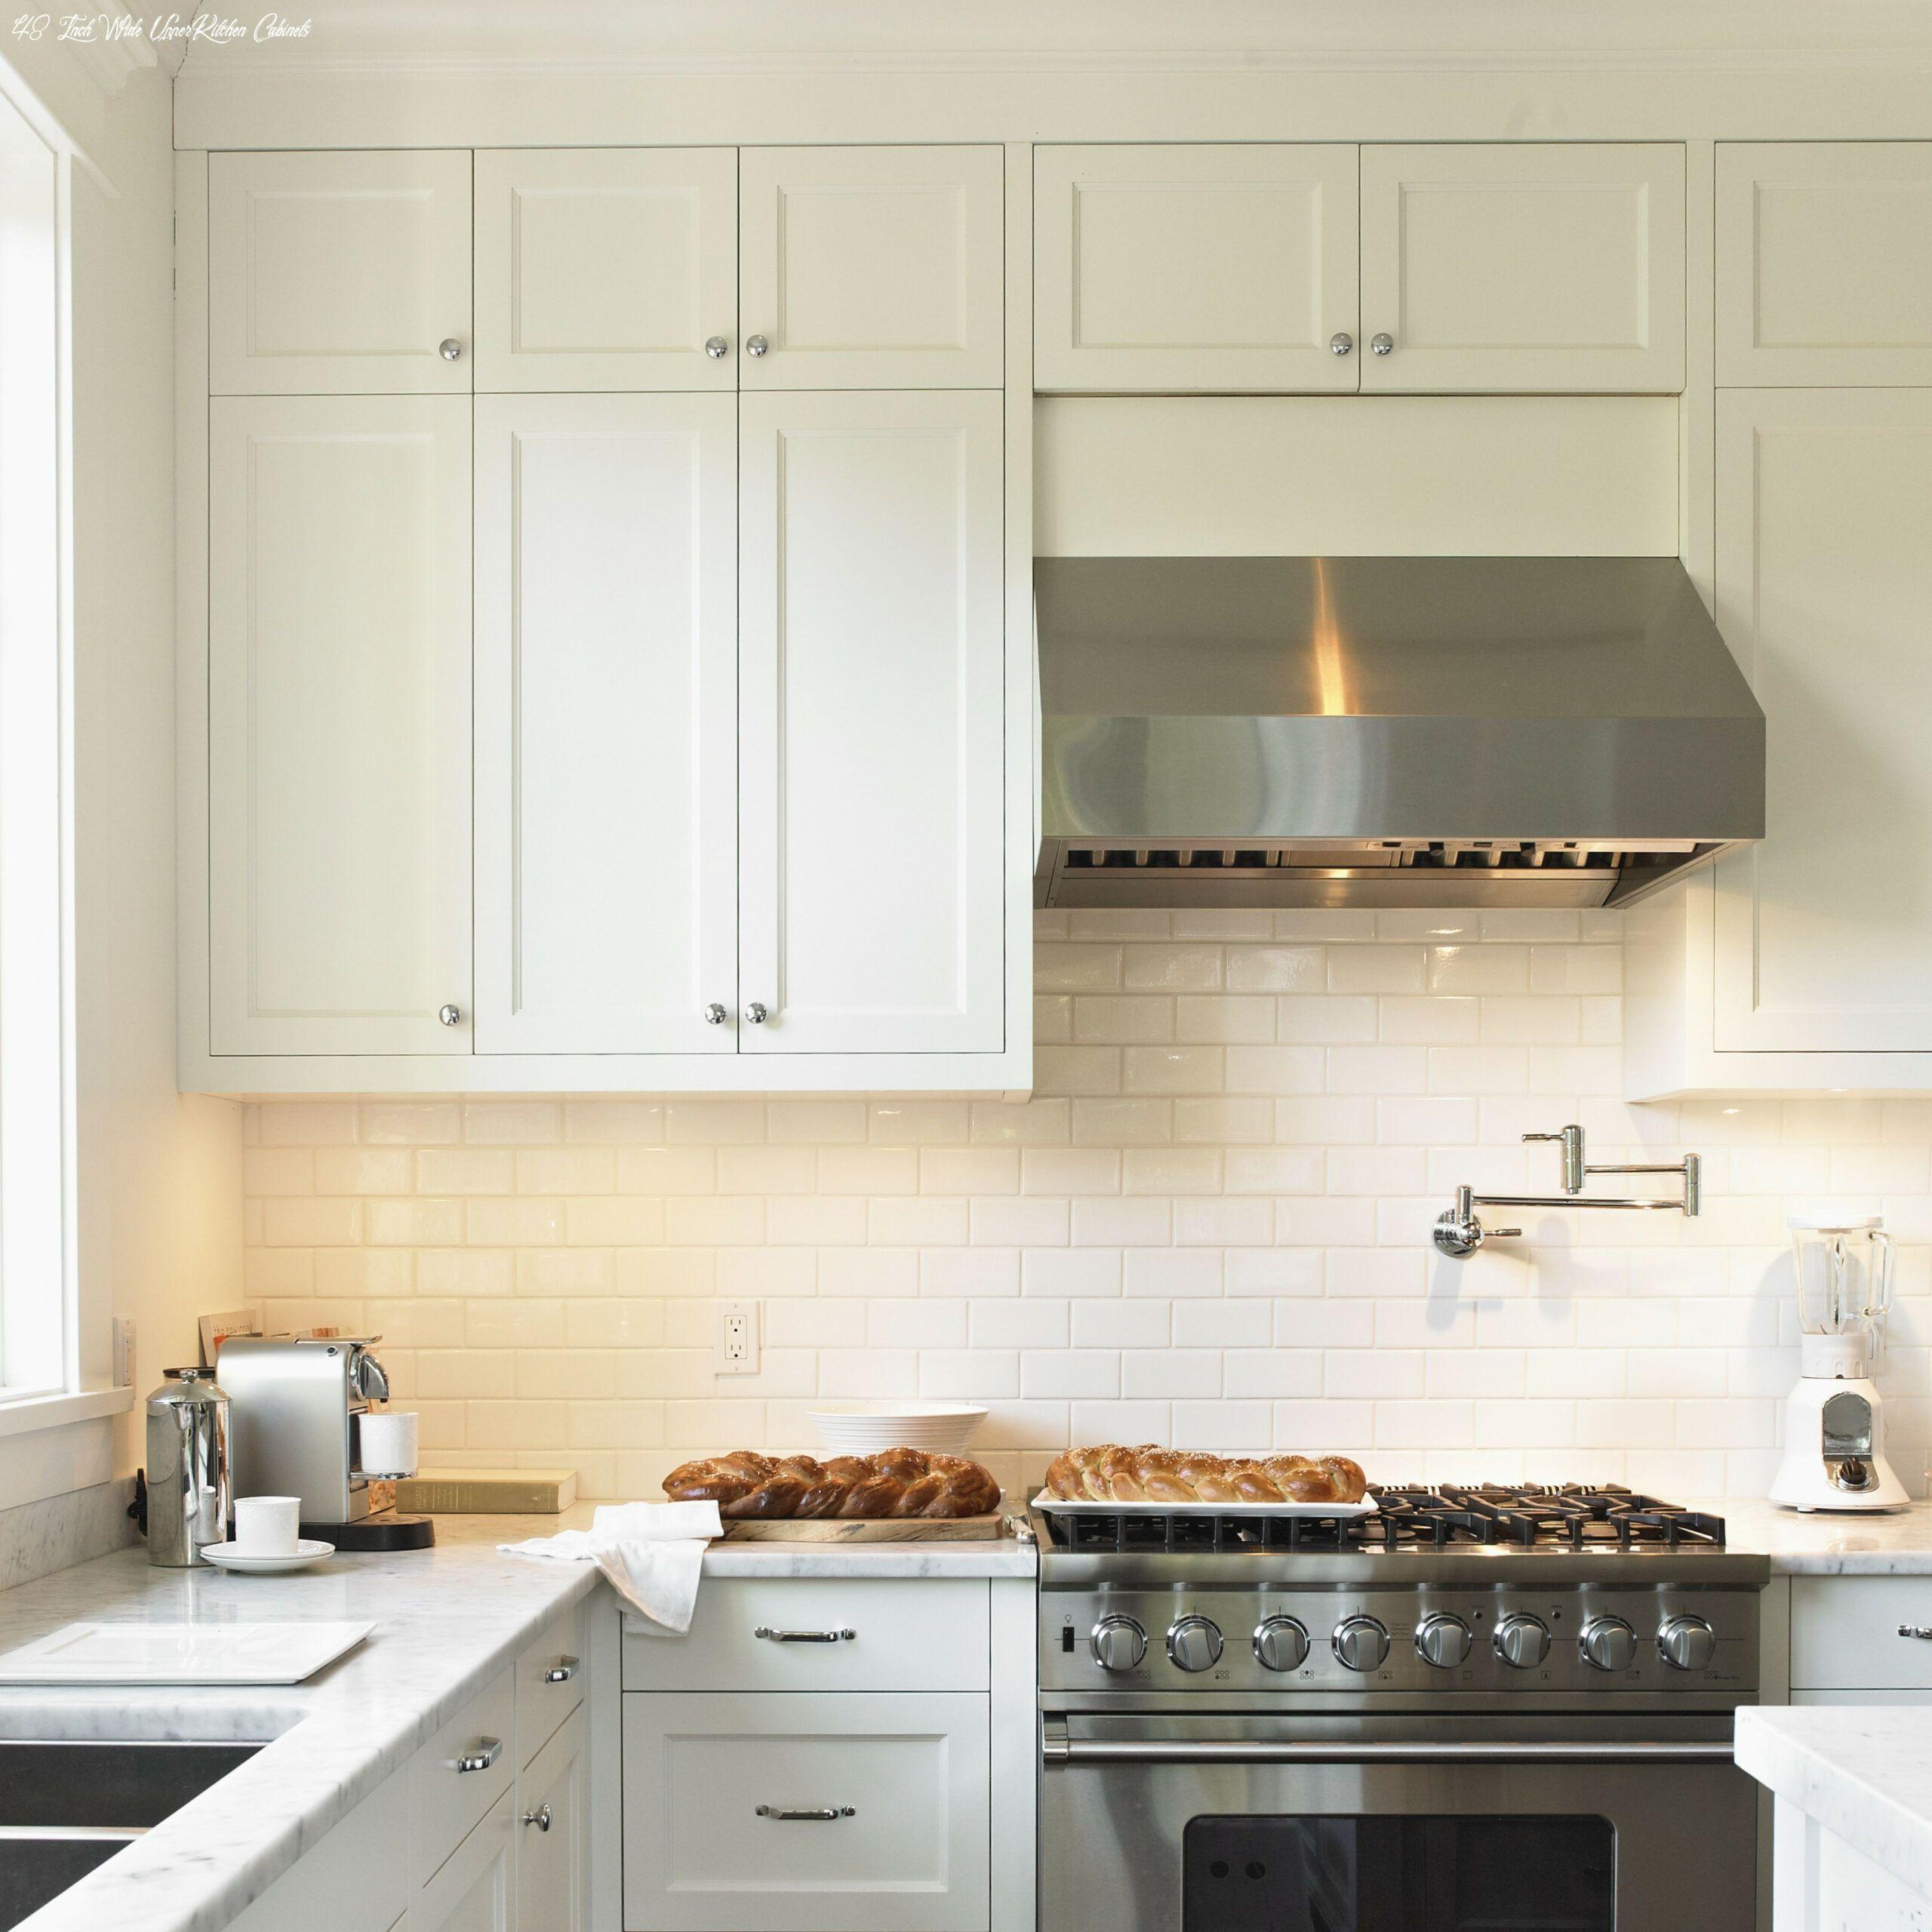 48 Inch Wide Upper Kitchen Cabinets Kitchen Cabinet Sizes Upper Kitchen Cabinets Kitchen Cabinet Dimensions